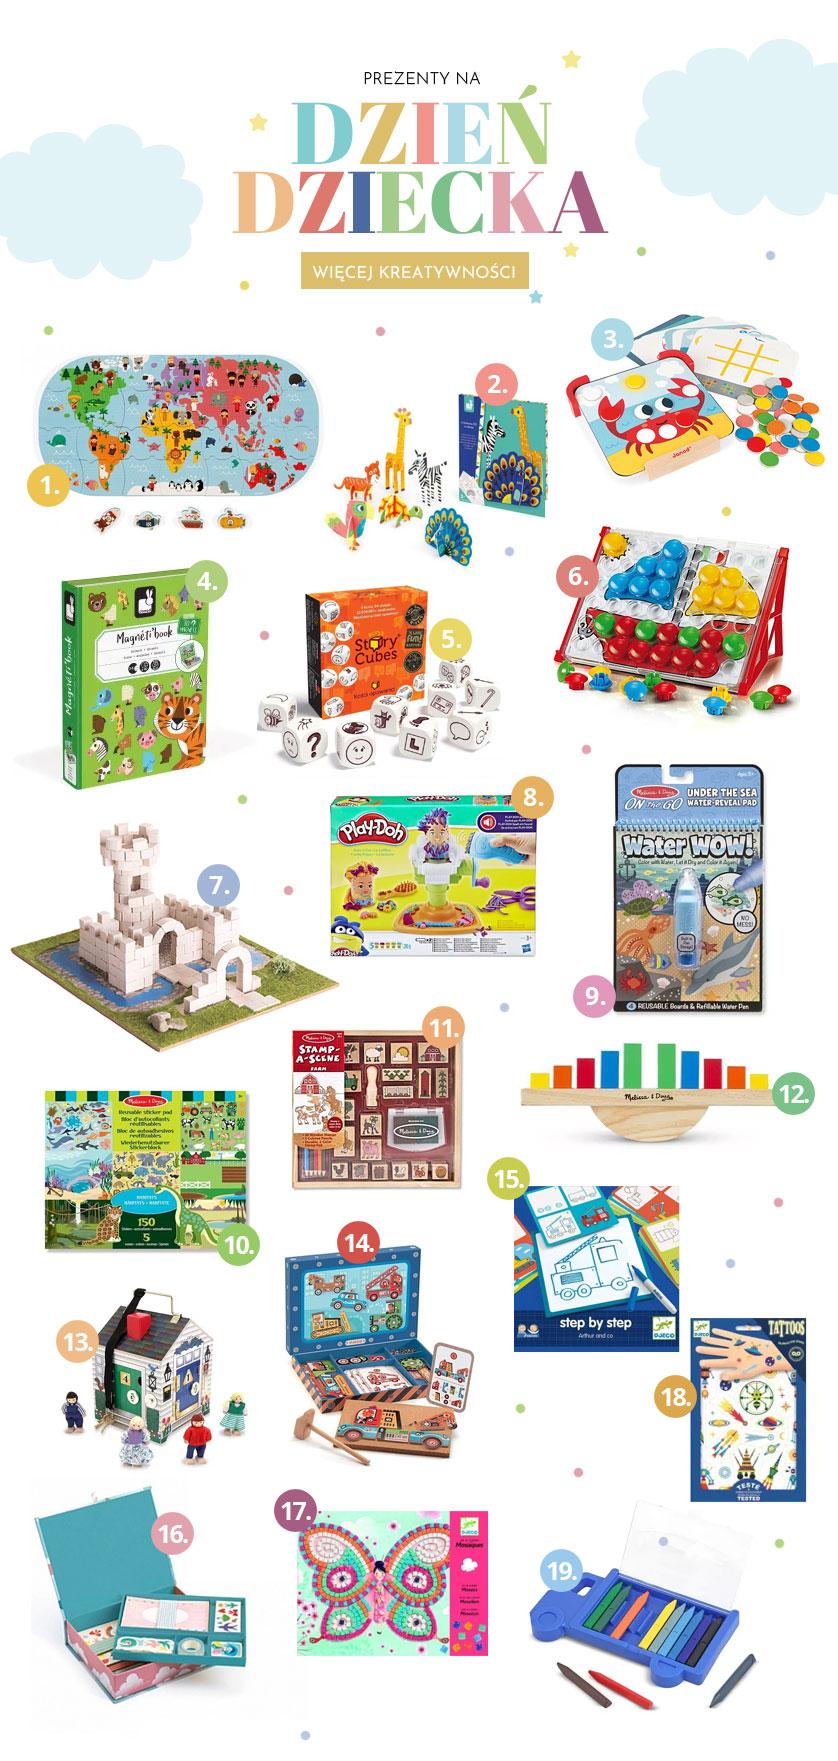 Prezent na Dzień dziecka - Więcej kreatywności